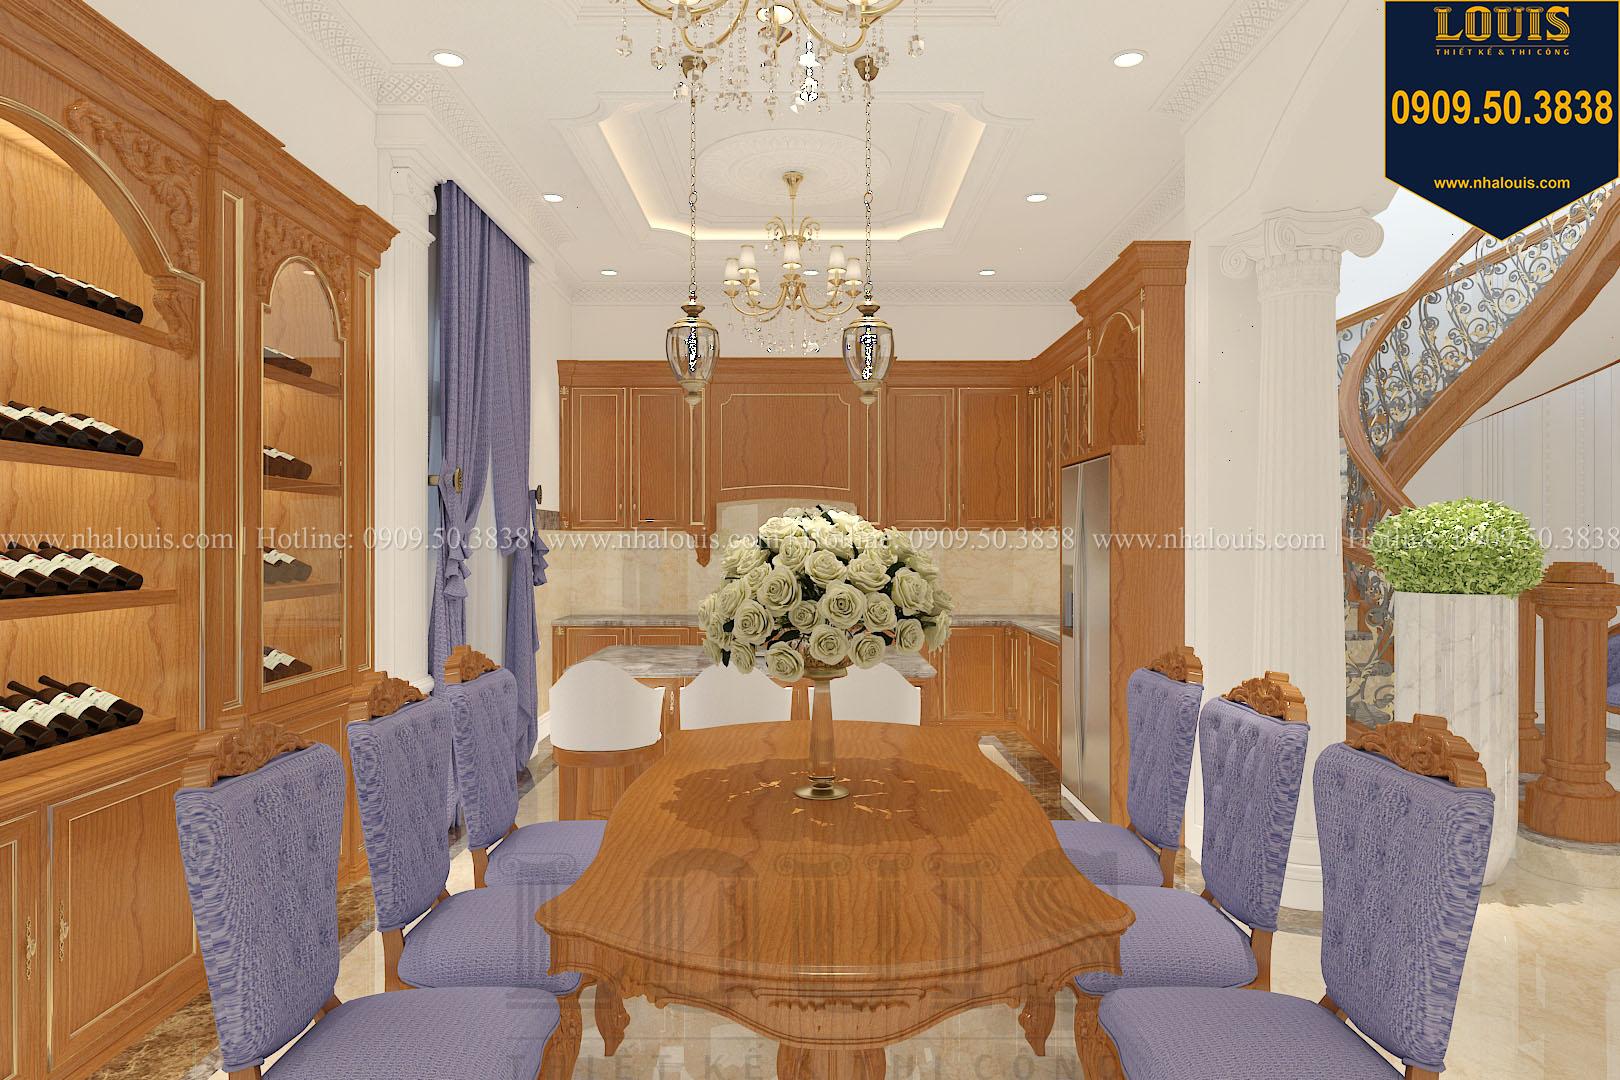 Phòng ăn biệt thự phong cách cổ điển châu Âu - 012